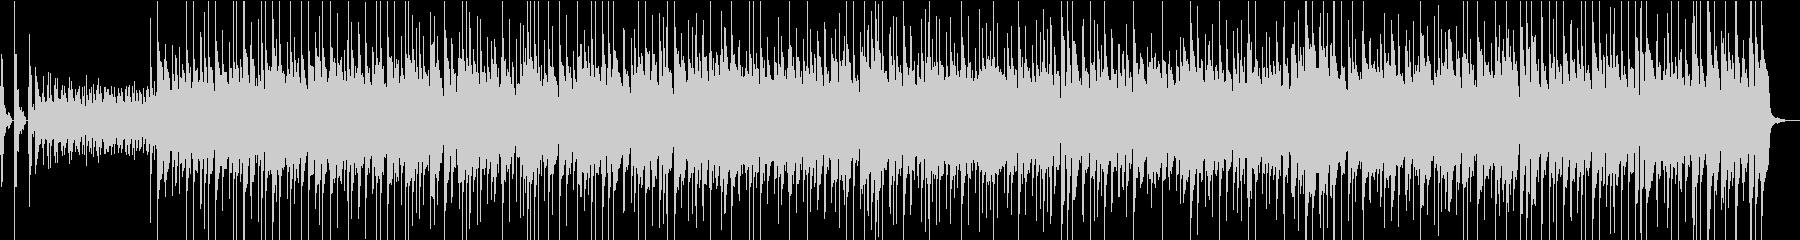 秒数ジャスト・ロッキー風筋トレ動画BGMの未再生の波形